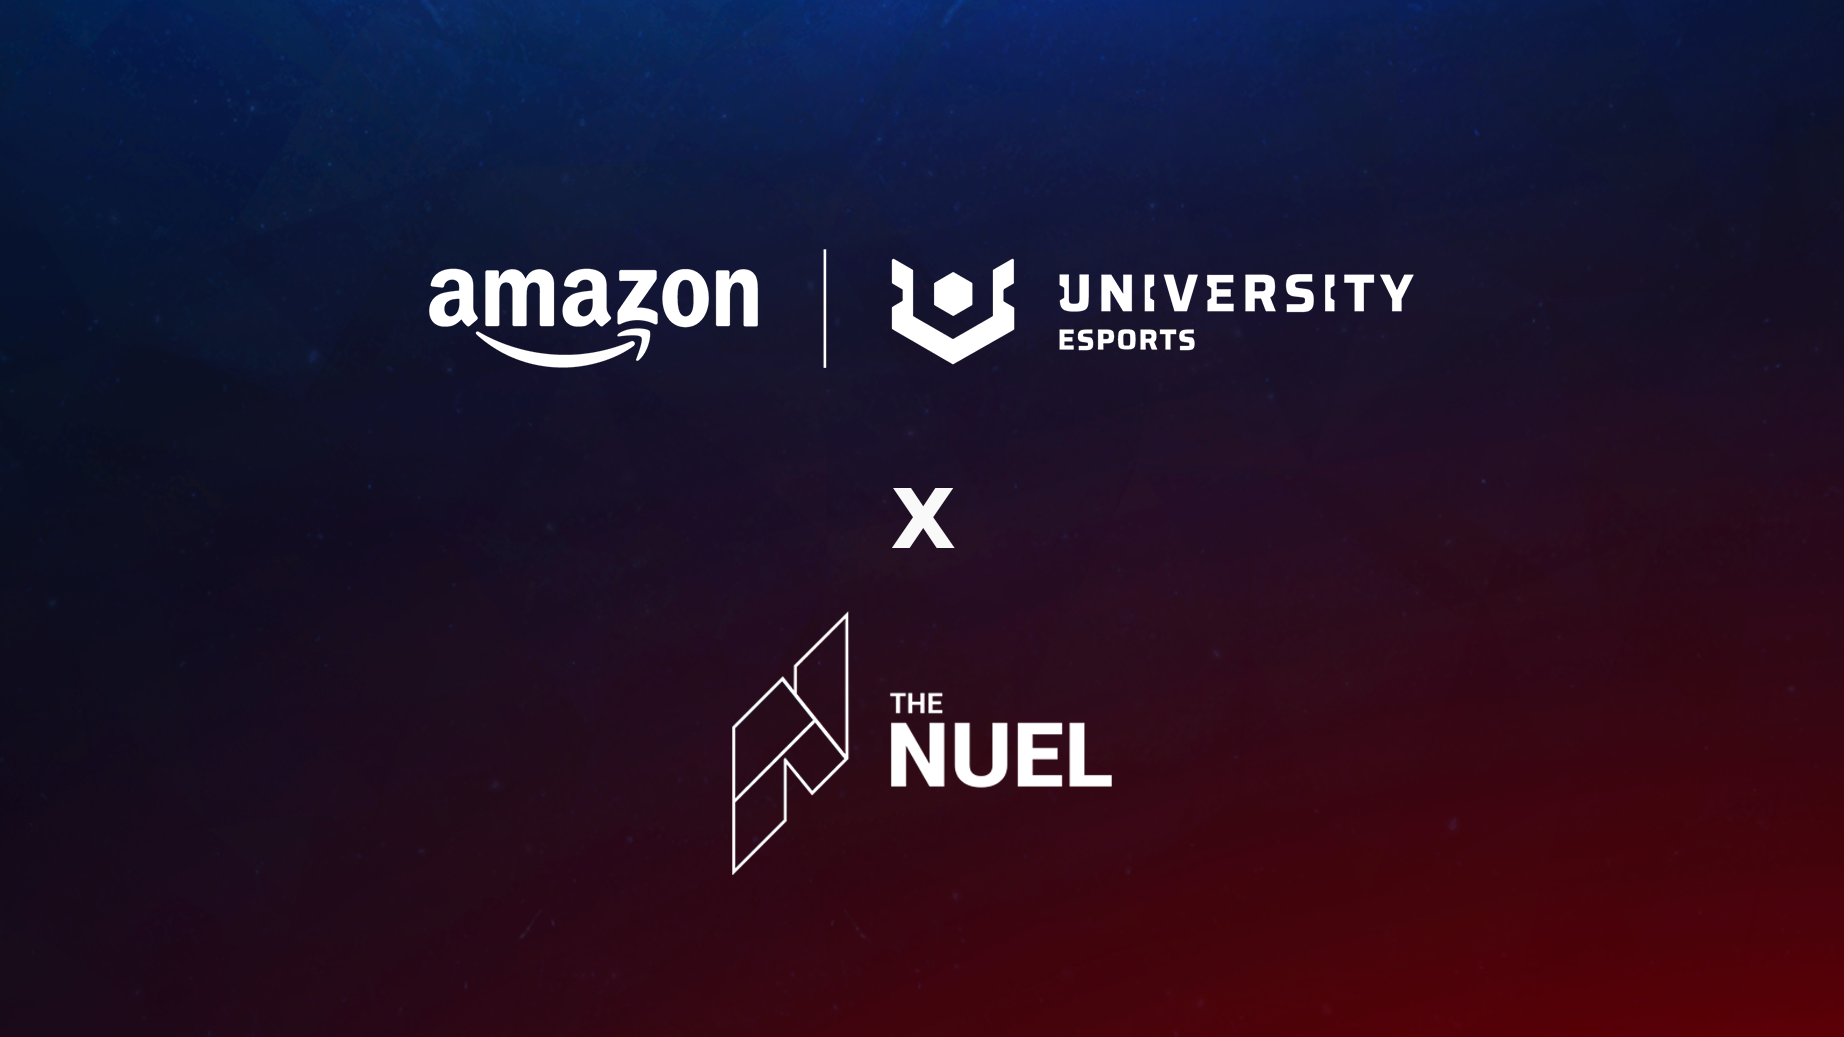 Amazon Universiy Esports